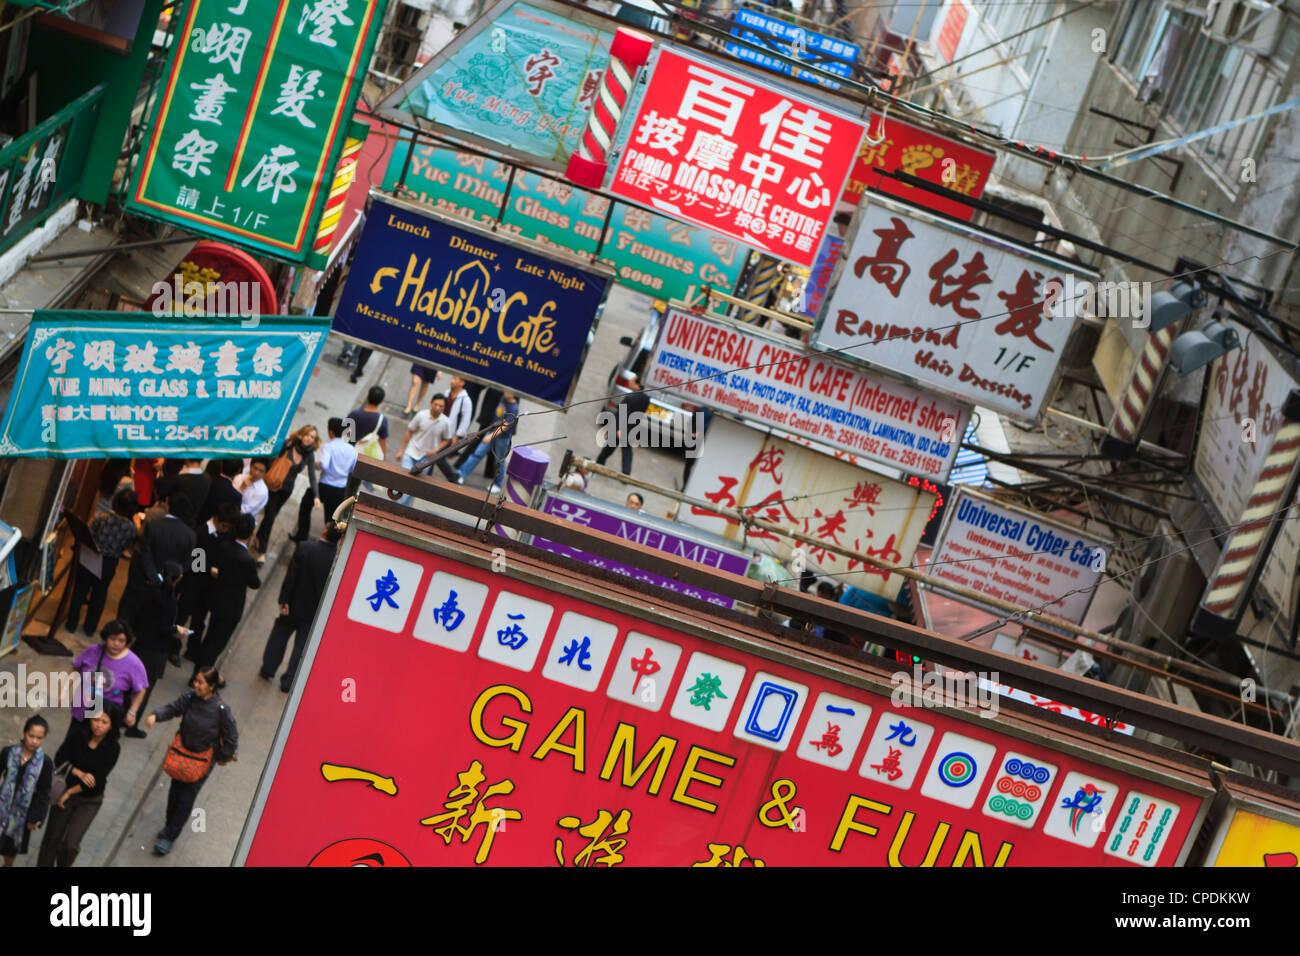 Shop and business signs, Hong Kong Island, Hong Kong, China, Asia - Stock Image